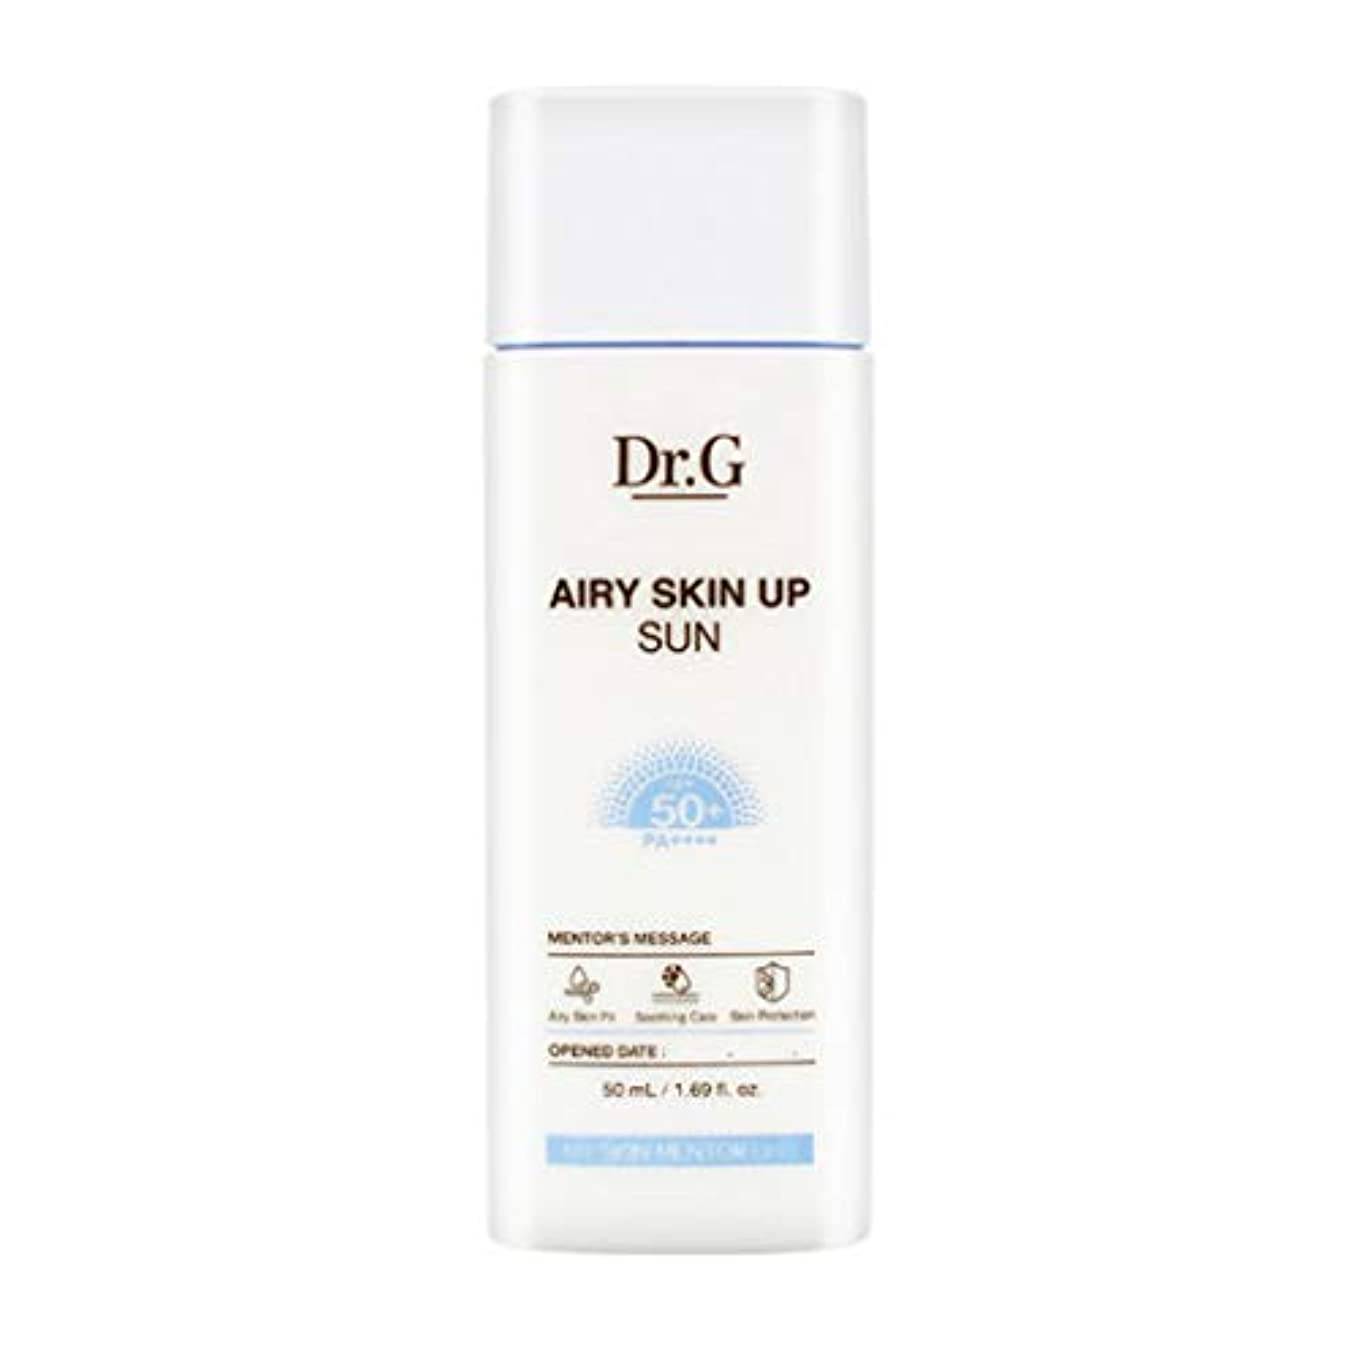 入学する採用マーチャンダイジングDr.G ドクタージー Airy Skin Up Sun エアリースキンアップサン (50ml) SPF50+ PA++++ Dr G DrG 日焼け止め